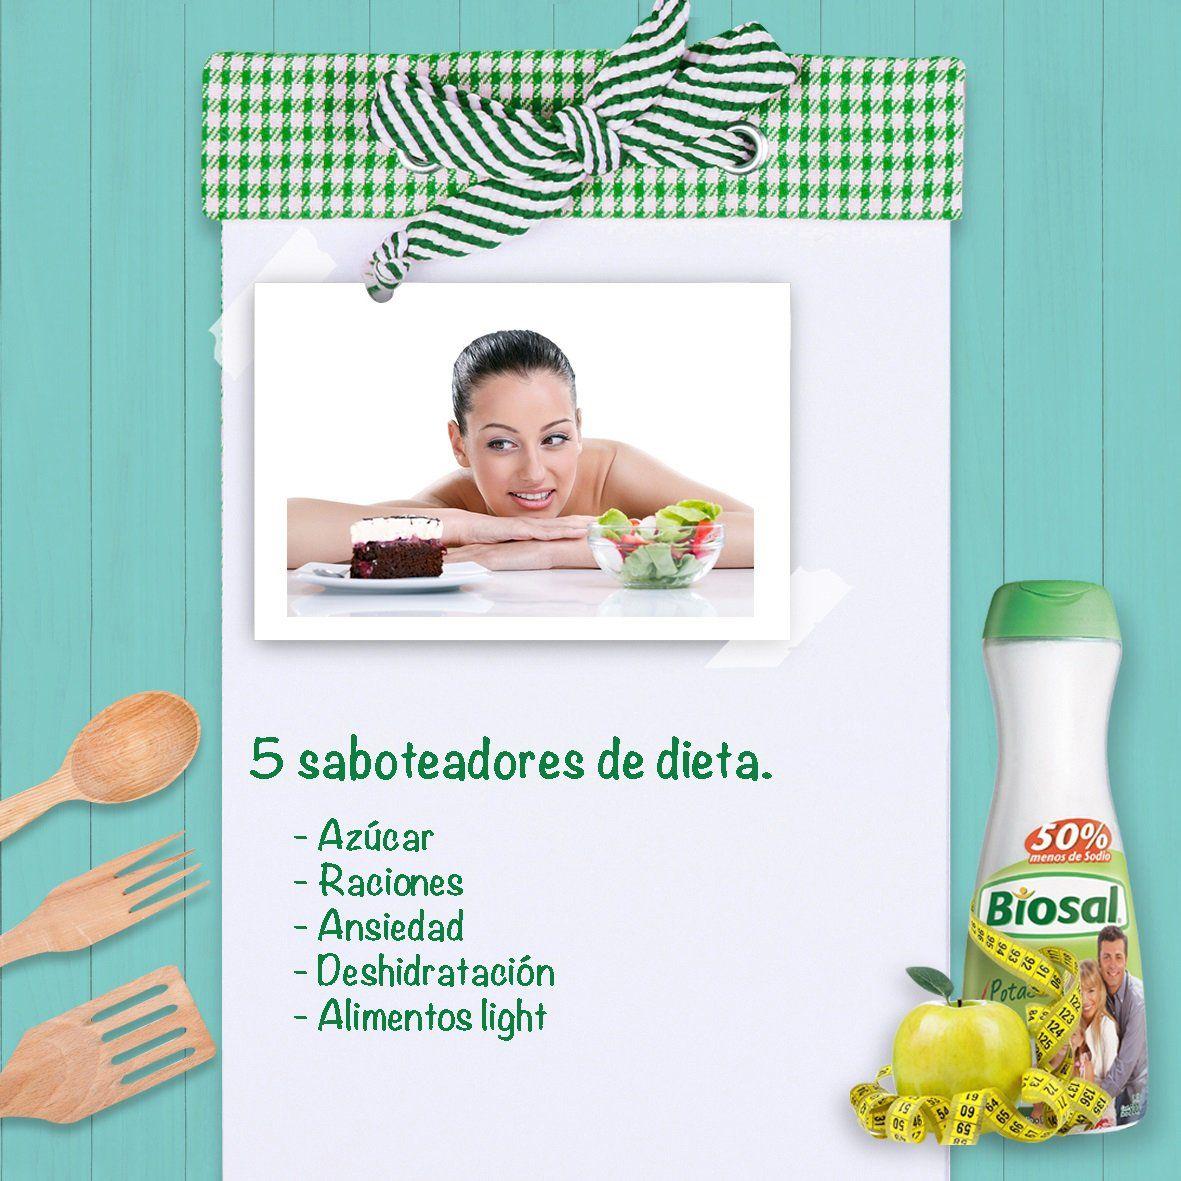 ¡Cuidado! Estos son 5 factores que podrían sabotear tu dieta.